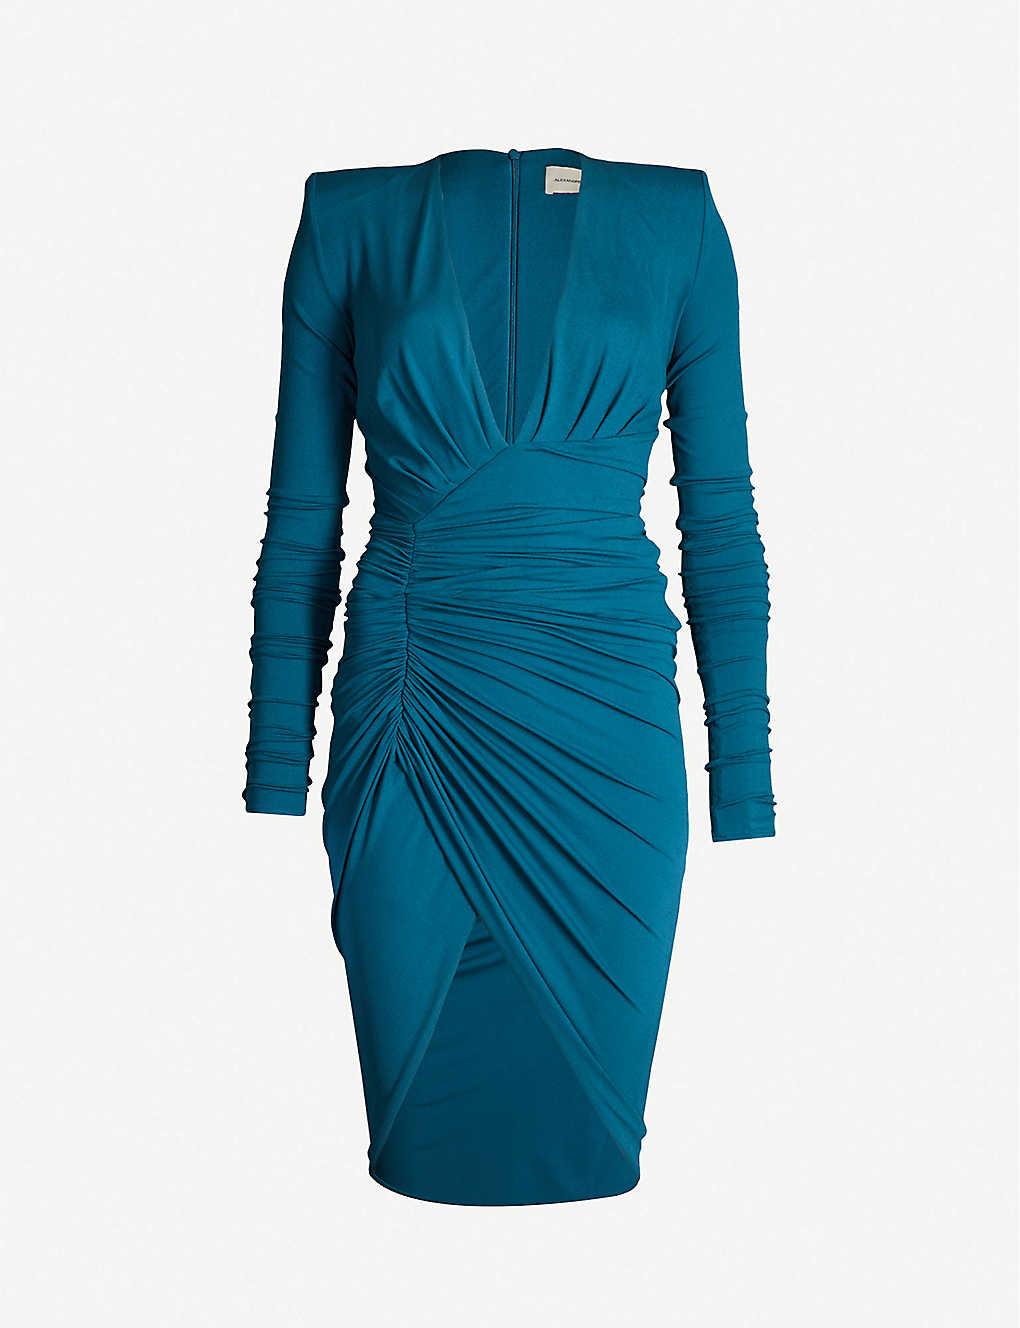 9e3de41b ALEXANDRE VAUTHIER - Plunging V-neck stretch-jersey dress ...